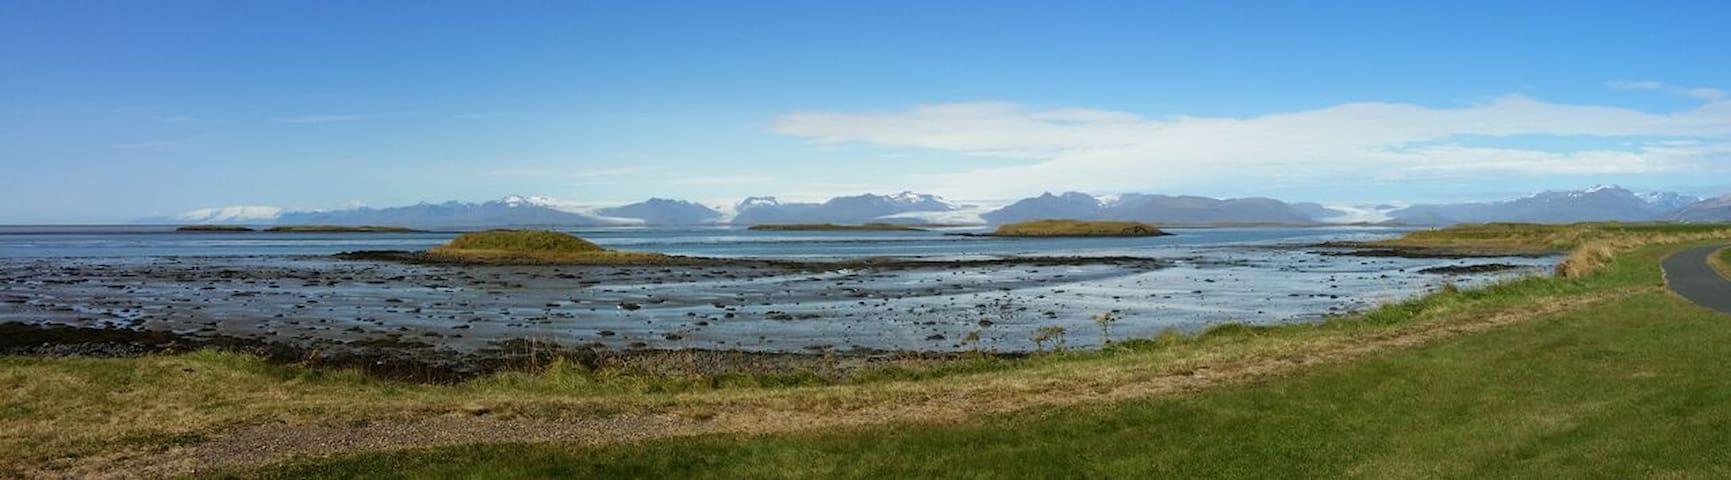 Family friendly by the golf course - Höfn í Hornafirði